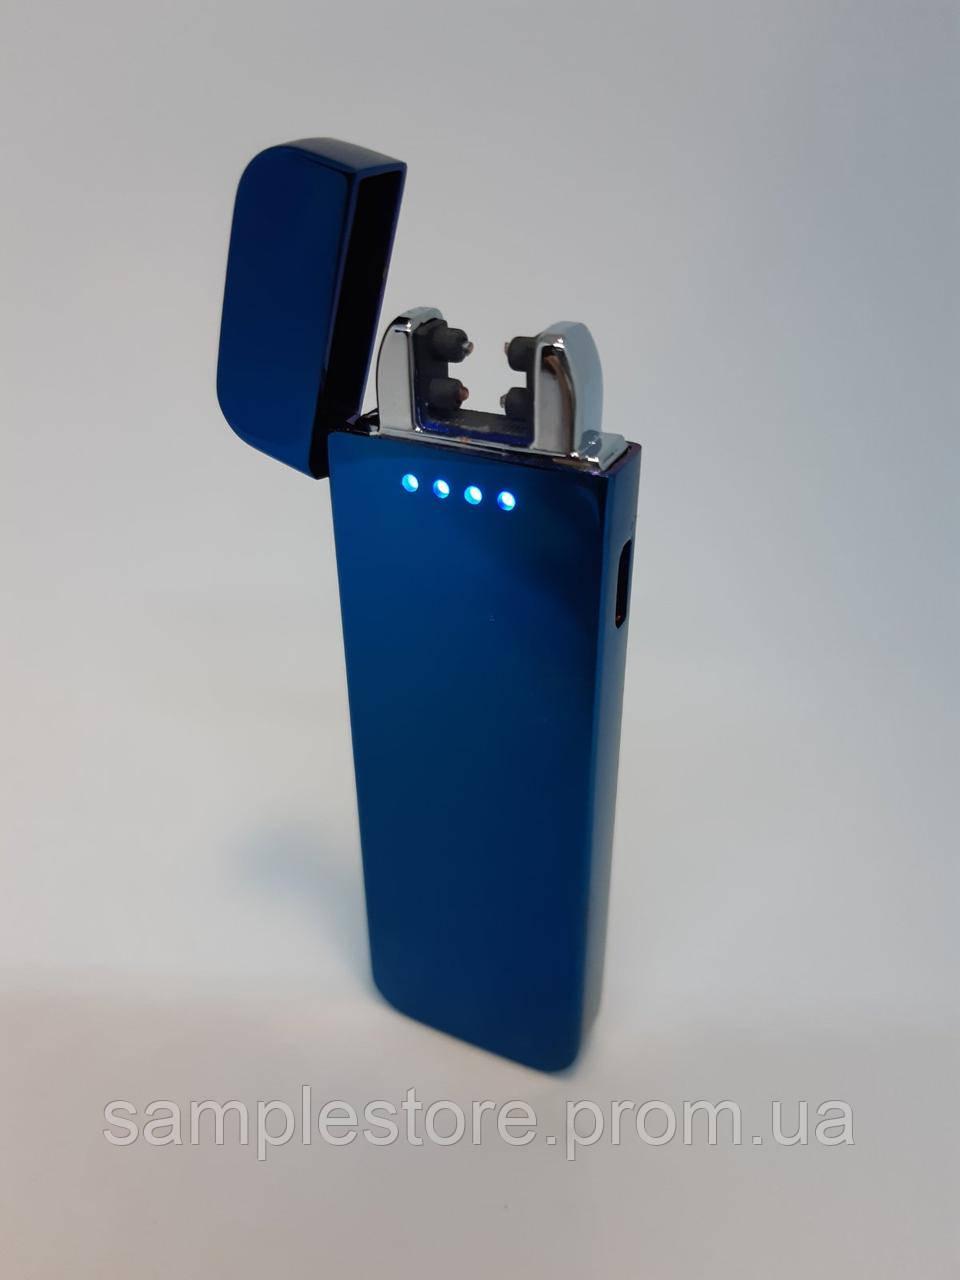 Электроимпульсная Usb зажигалка две дуги Cariage Blue